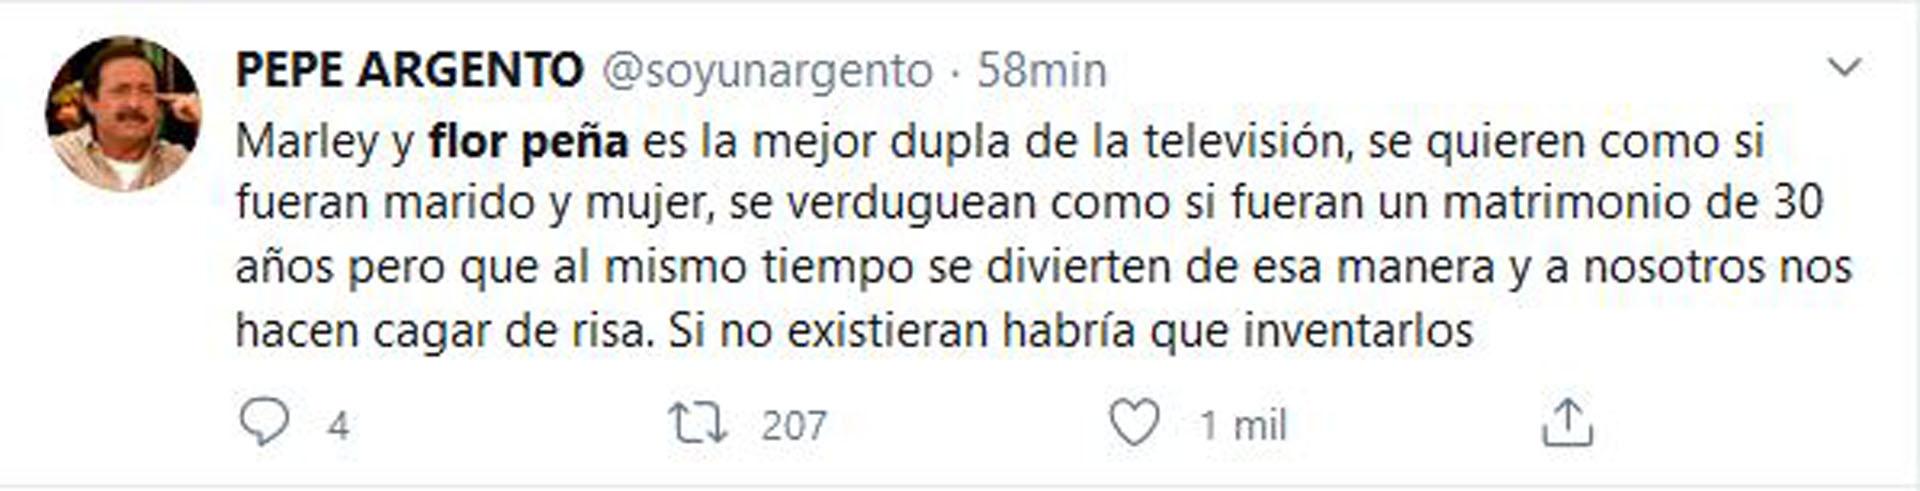 """Algunos de los comentarios sobre la participación de Florencia Peña en """"Por el mundo"""" y su espectacular casa (Fotos: Twitter)"""